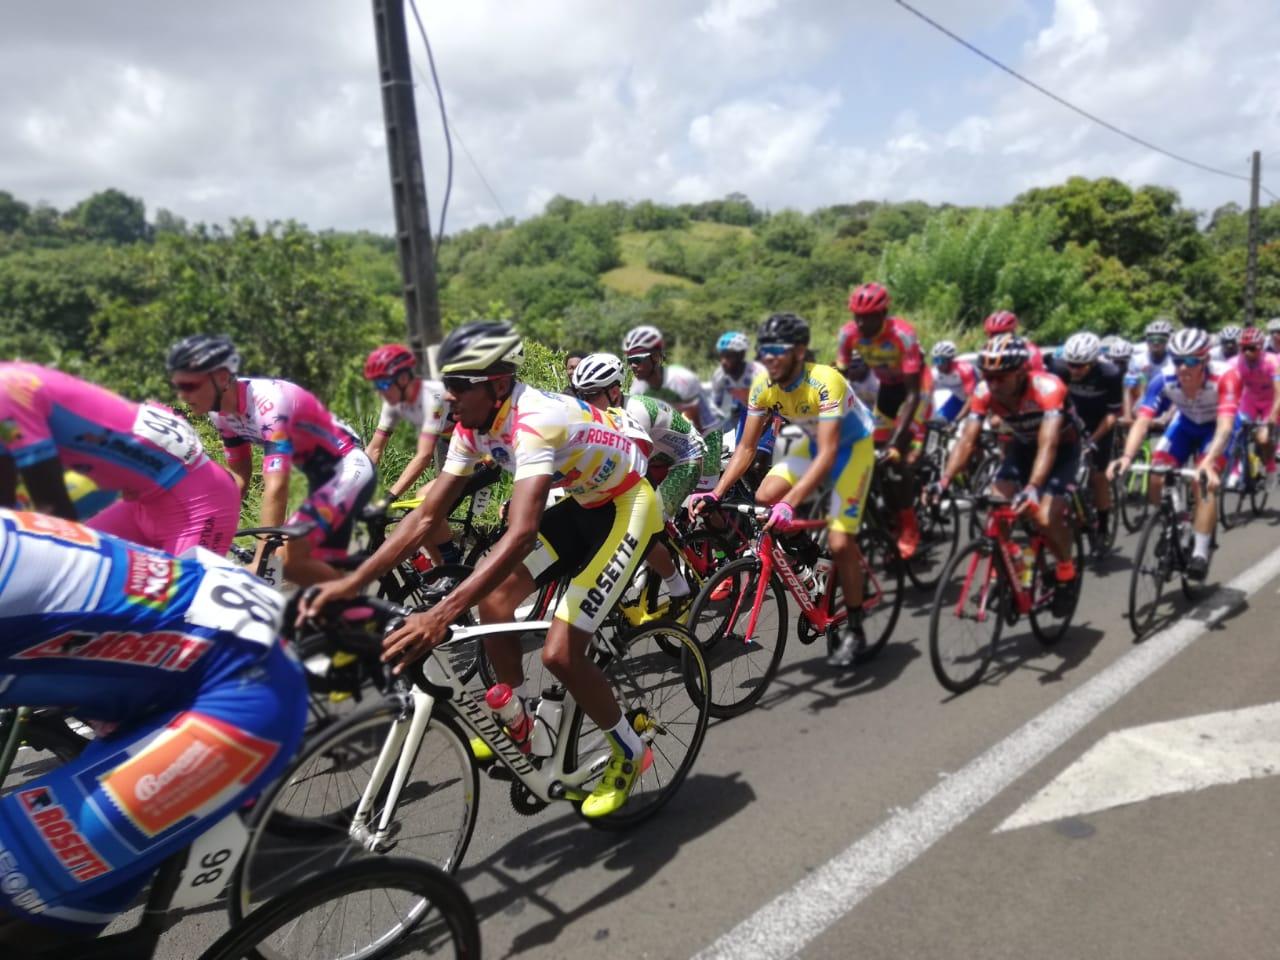 Tour cycliste de Martinique 2019 : des Trois-Îlets à Trinité en 102 kilomètres